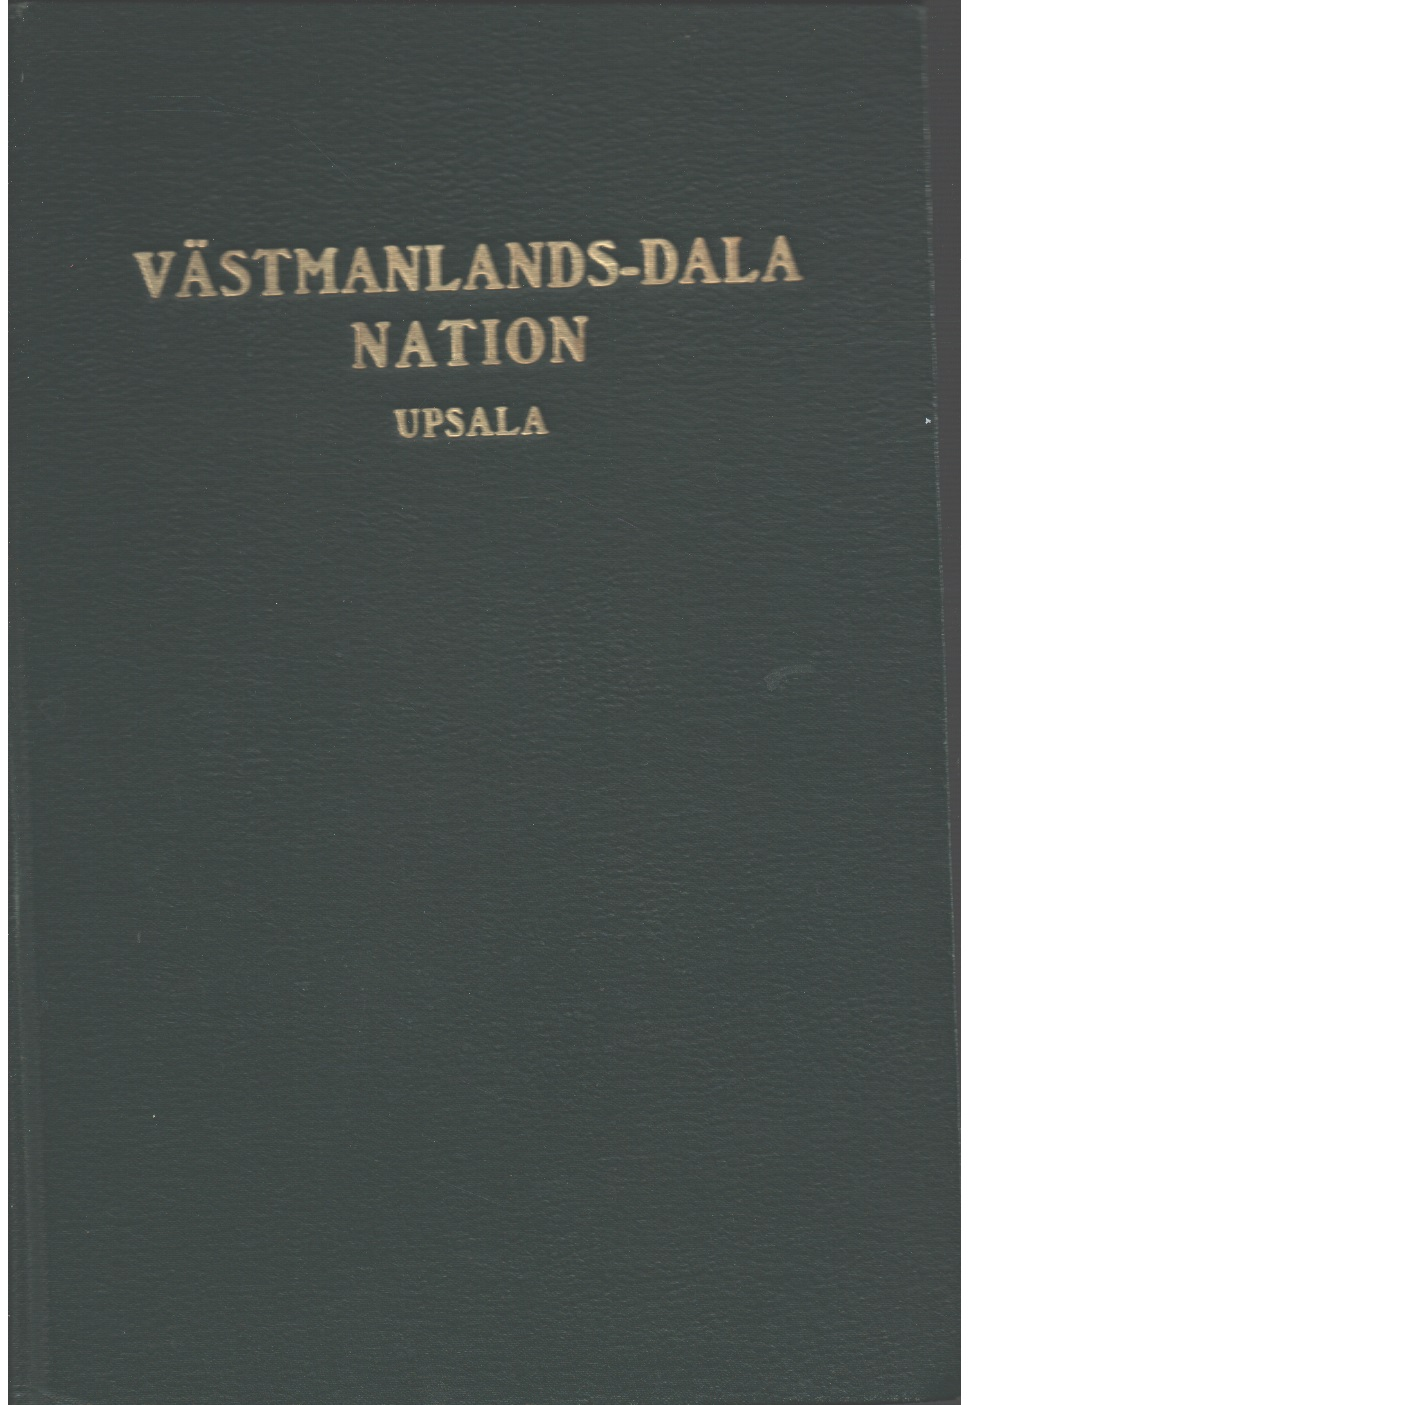 Västmanlands-Dala nation i Upsala : porträttkatalog : vårterminen 1906-höstterminen 1915 - Red.